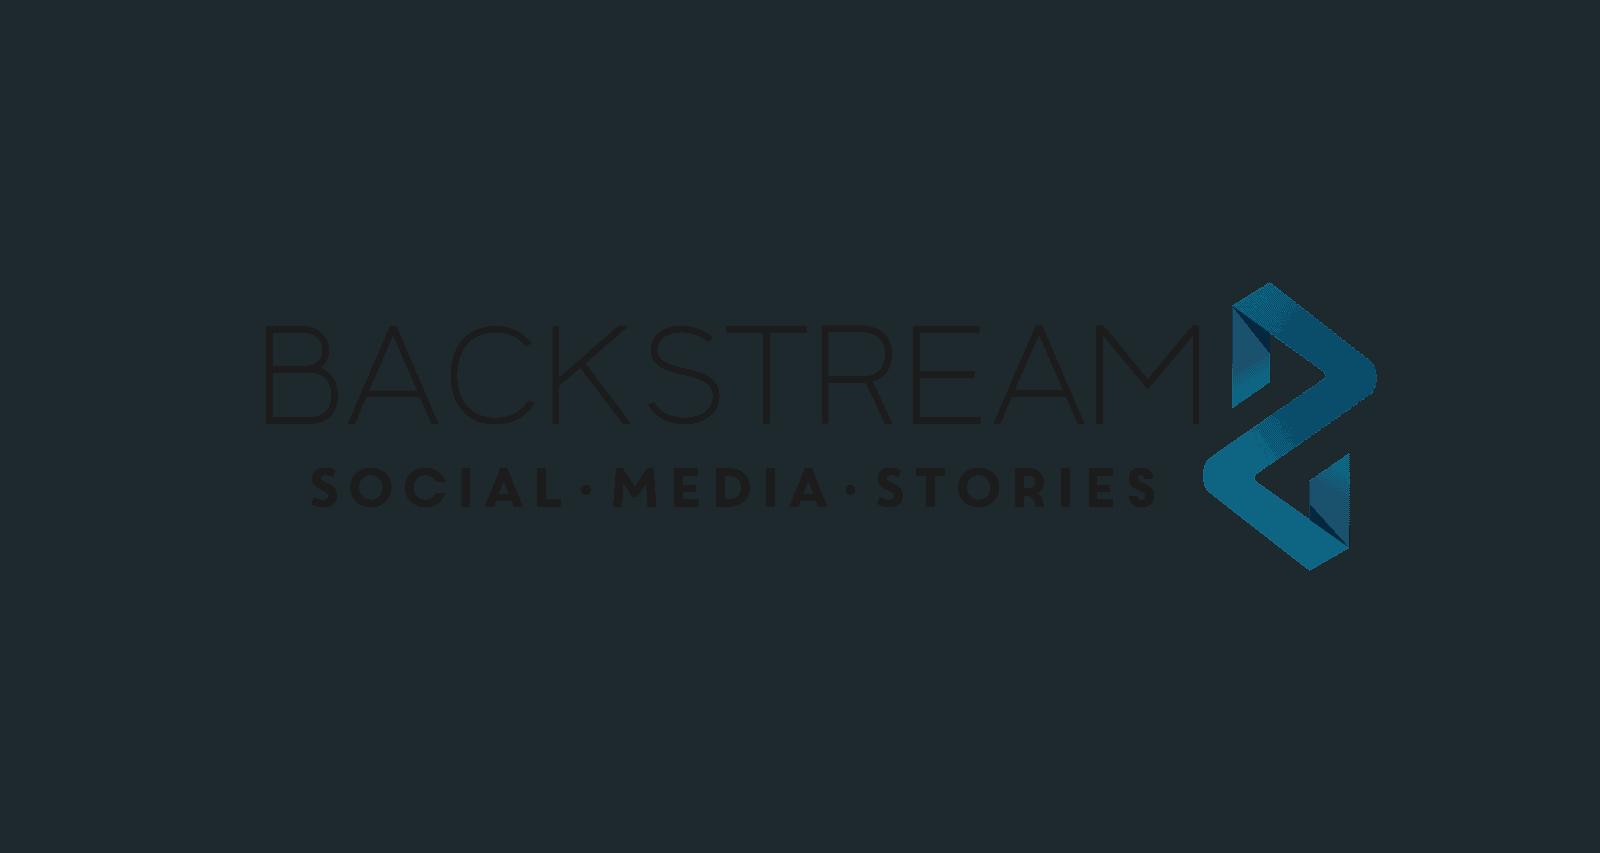 backstream social media stories bild logo